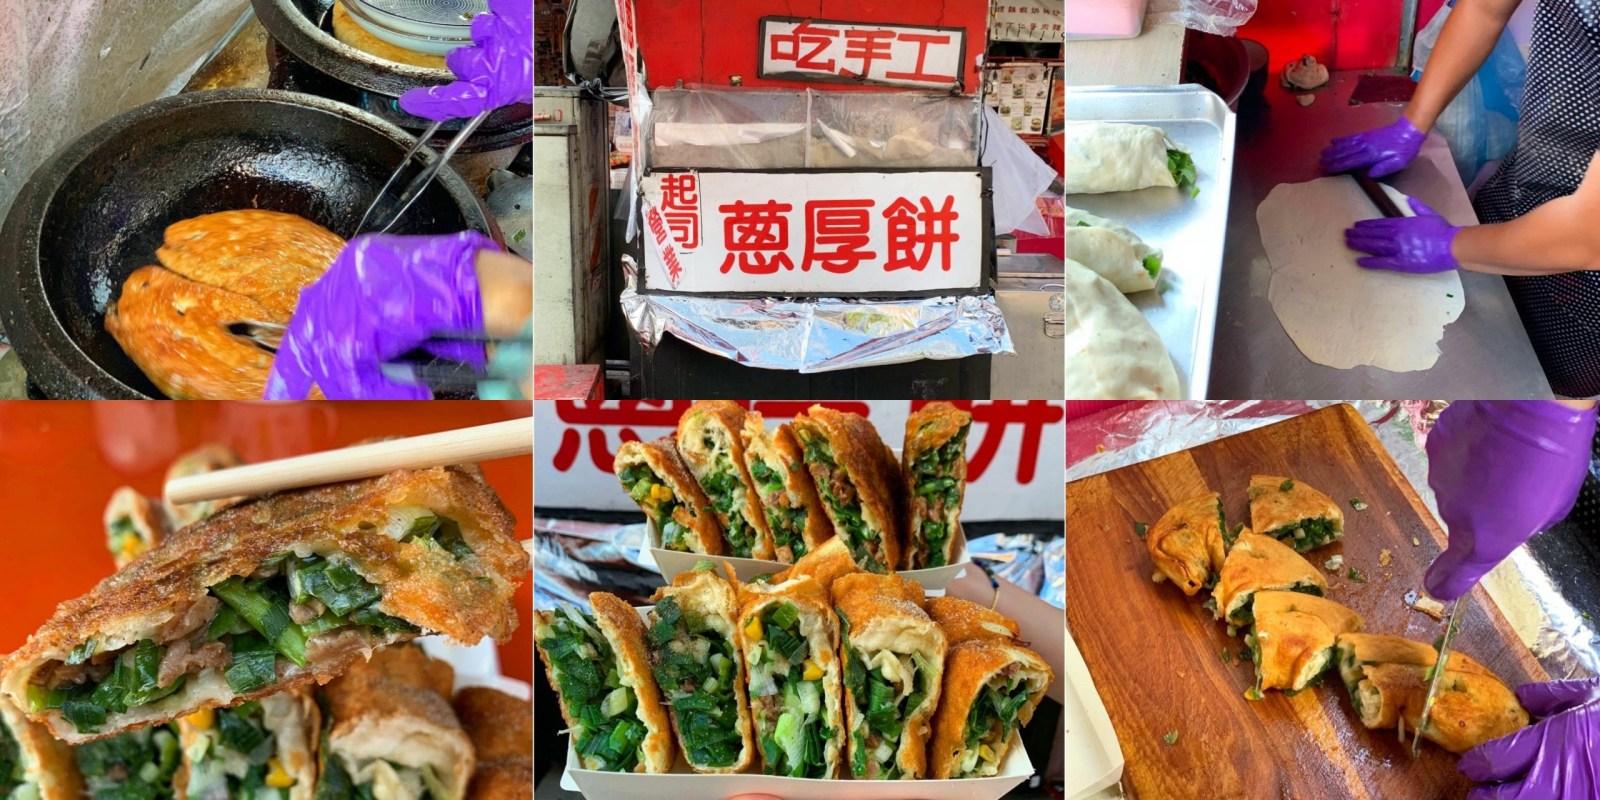 [高雄美食] 阿惠蔥厚餅 - 全台灣最狂最厚的蔥厚餅就在這裡!